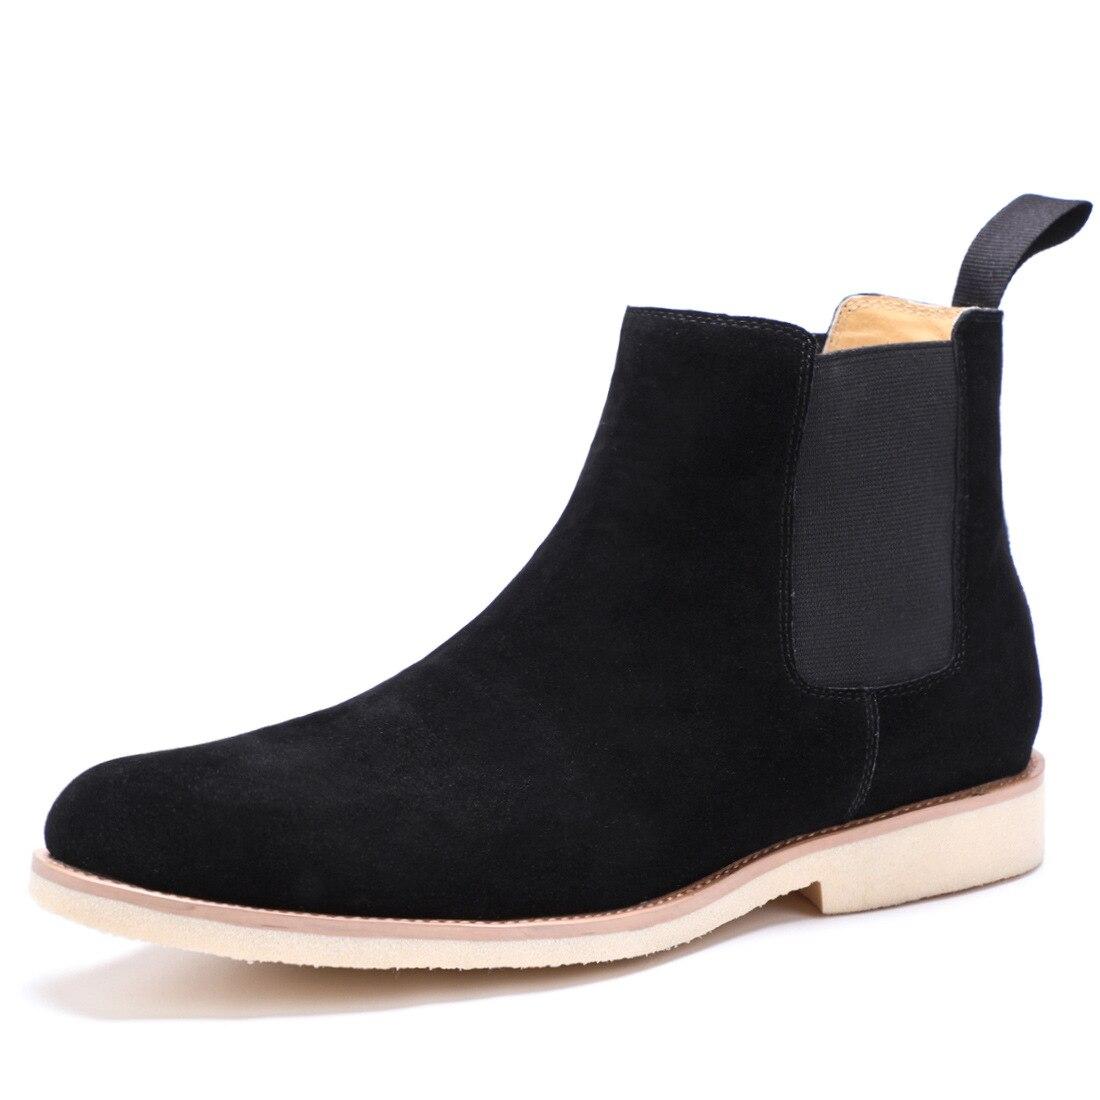 QYFCIOUFU 2019 NIEUWE Mannen Chelsea Laarzen Mode Suède Enkellaarsjes Mode mannen Merk Echt Lederen Slip Ons Man Werk laarzen Schoenen - 2